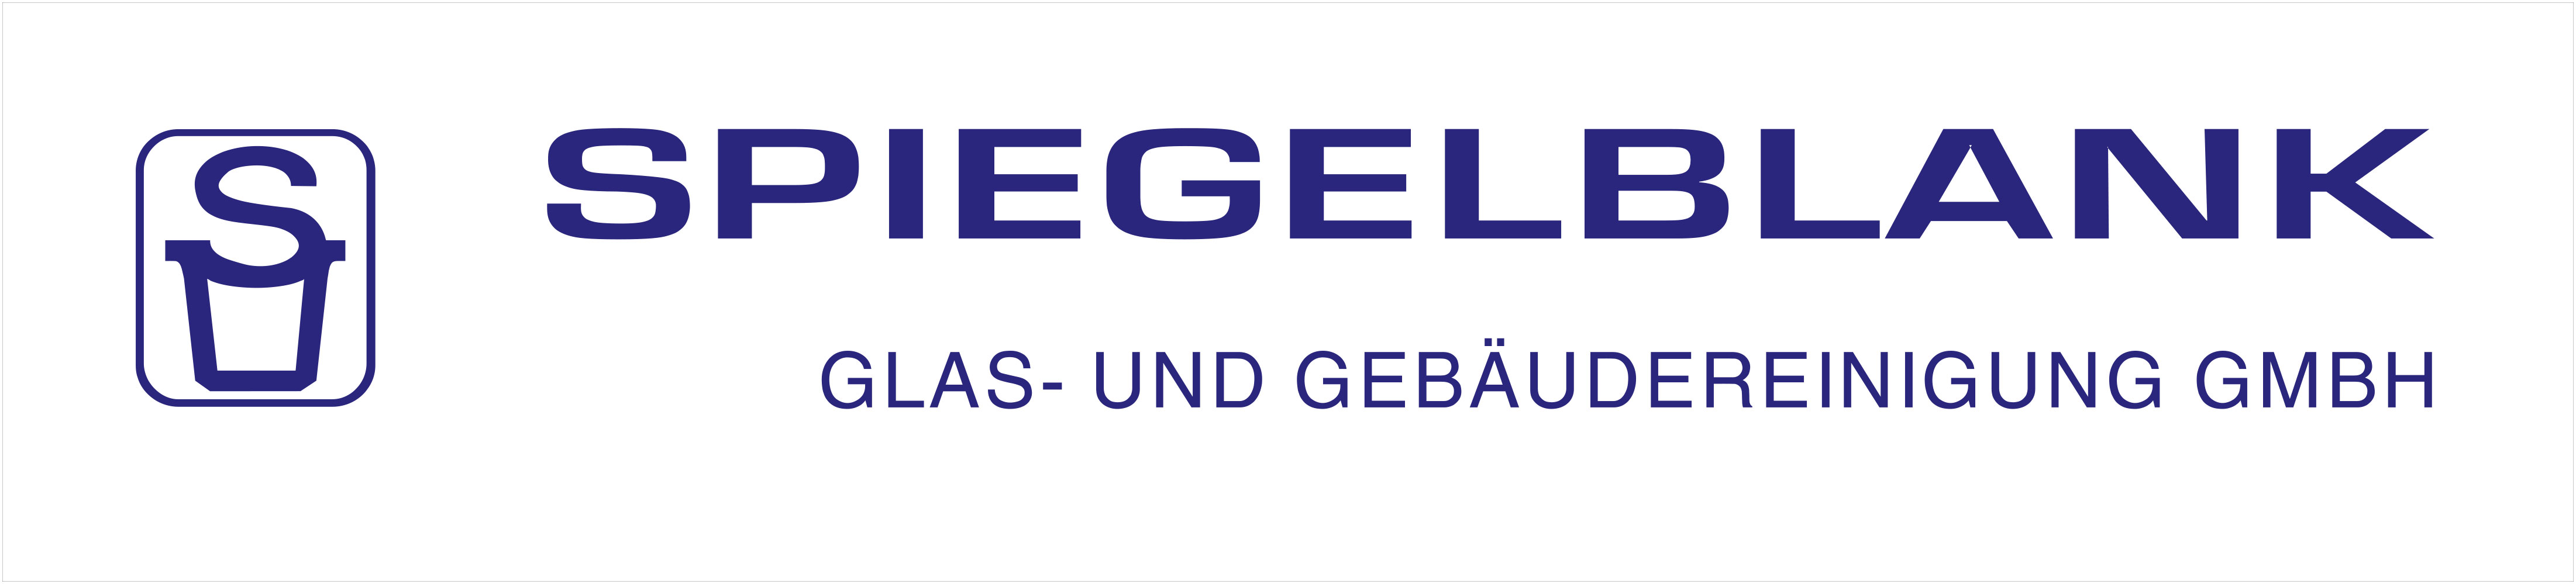 Logo_Spiegelbank